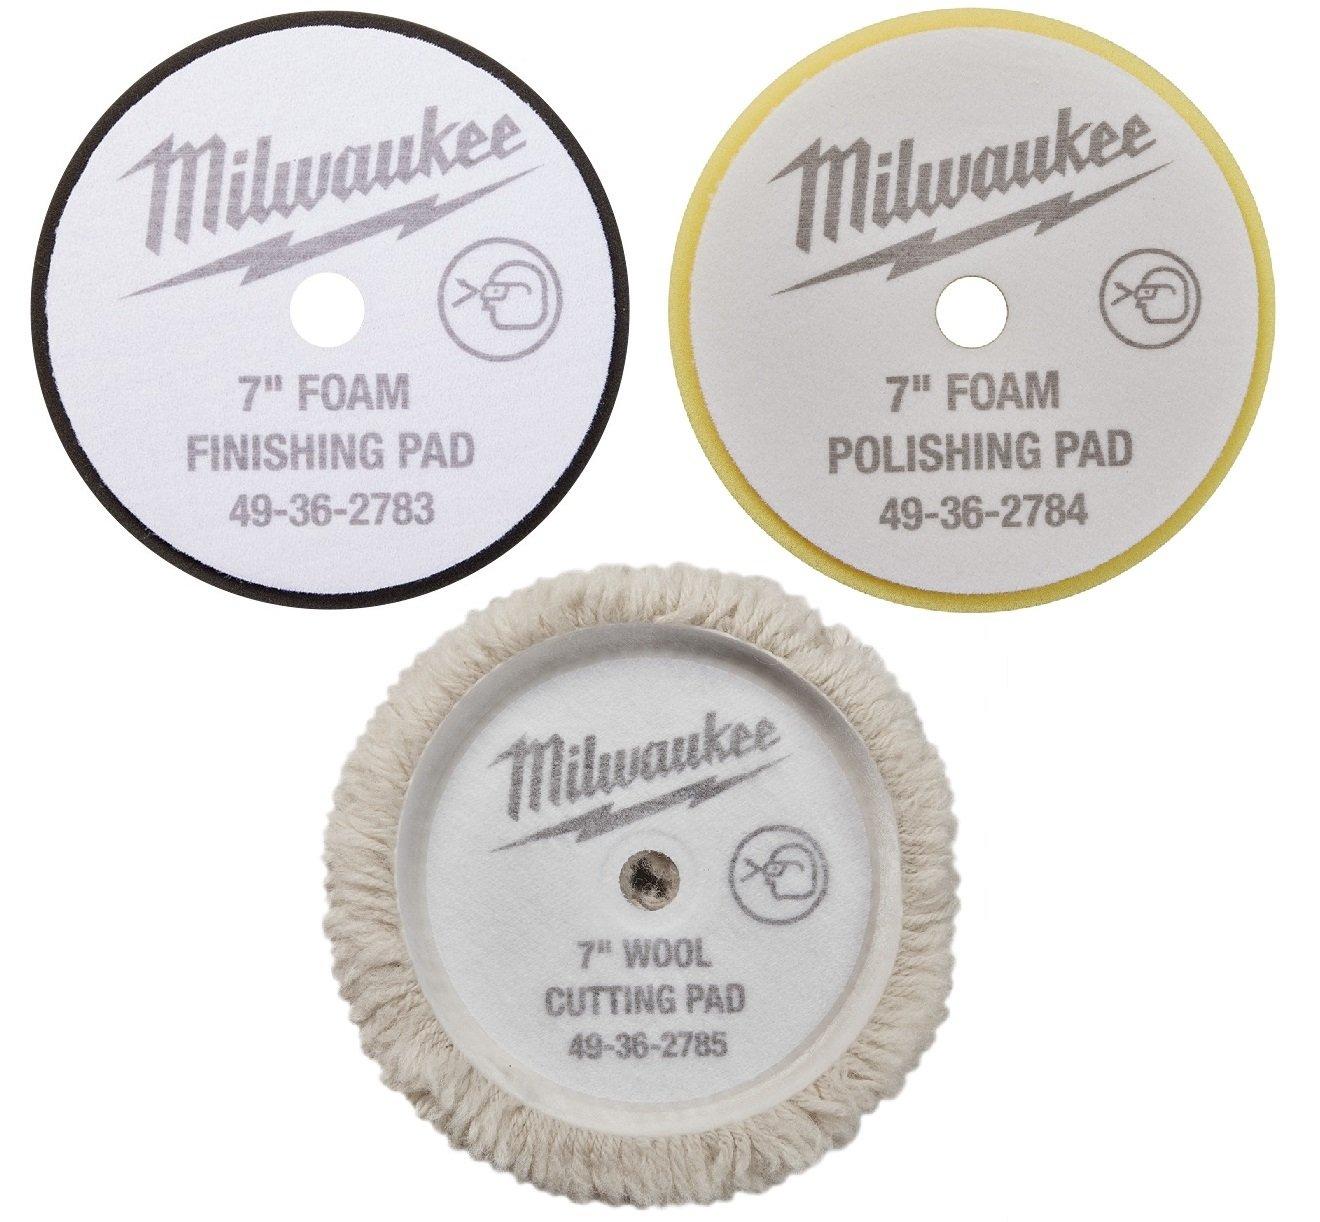 """(7"""") - NEW - Cutting Polishing and Finishing Pad Kit 49-36-2783,2784,2785 for Milwaukee M18 Polisher (2738)"""